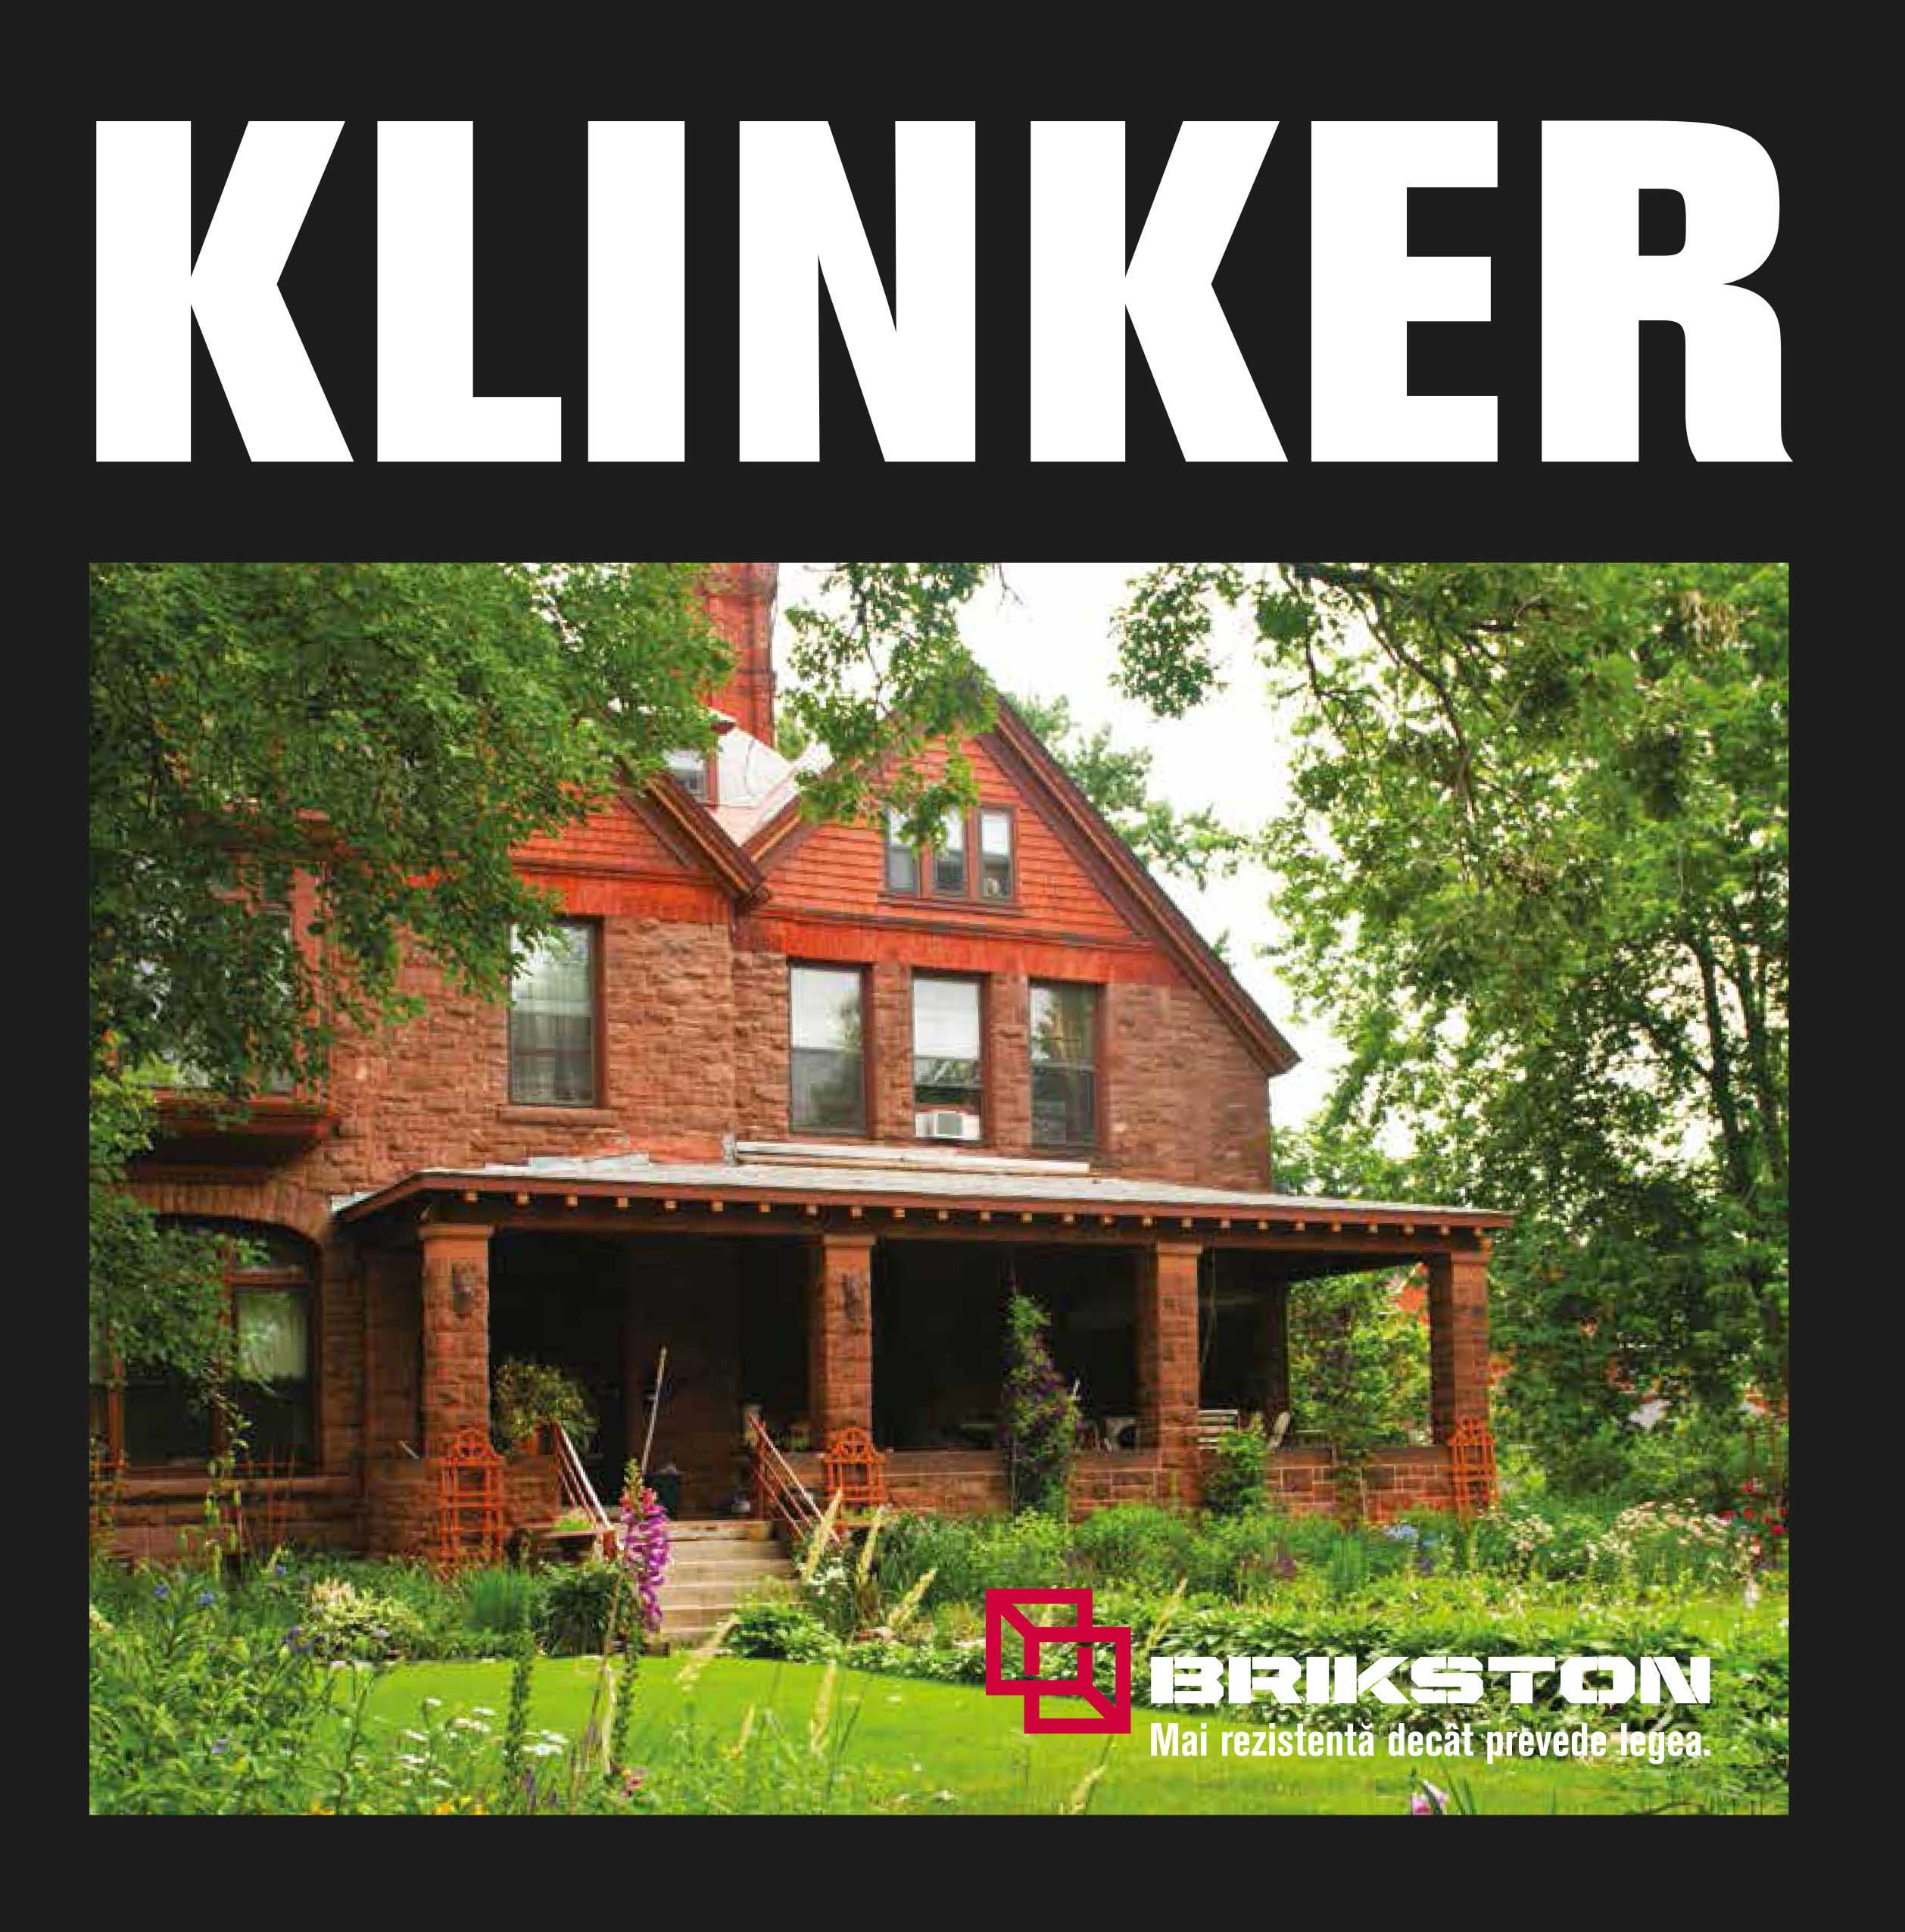 Brosura Brikston Klinker